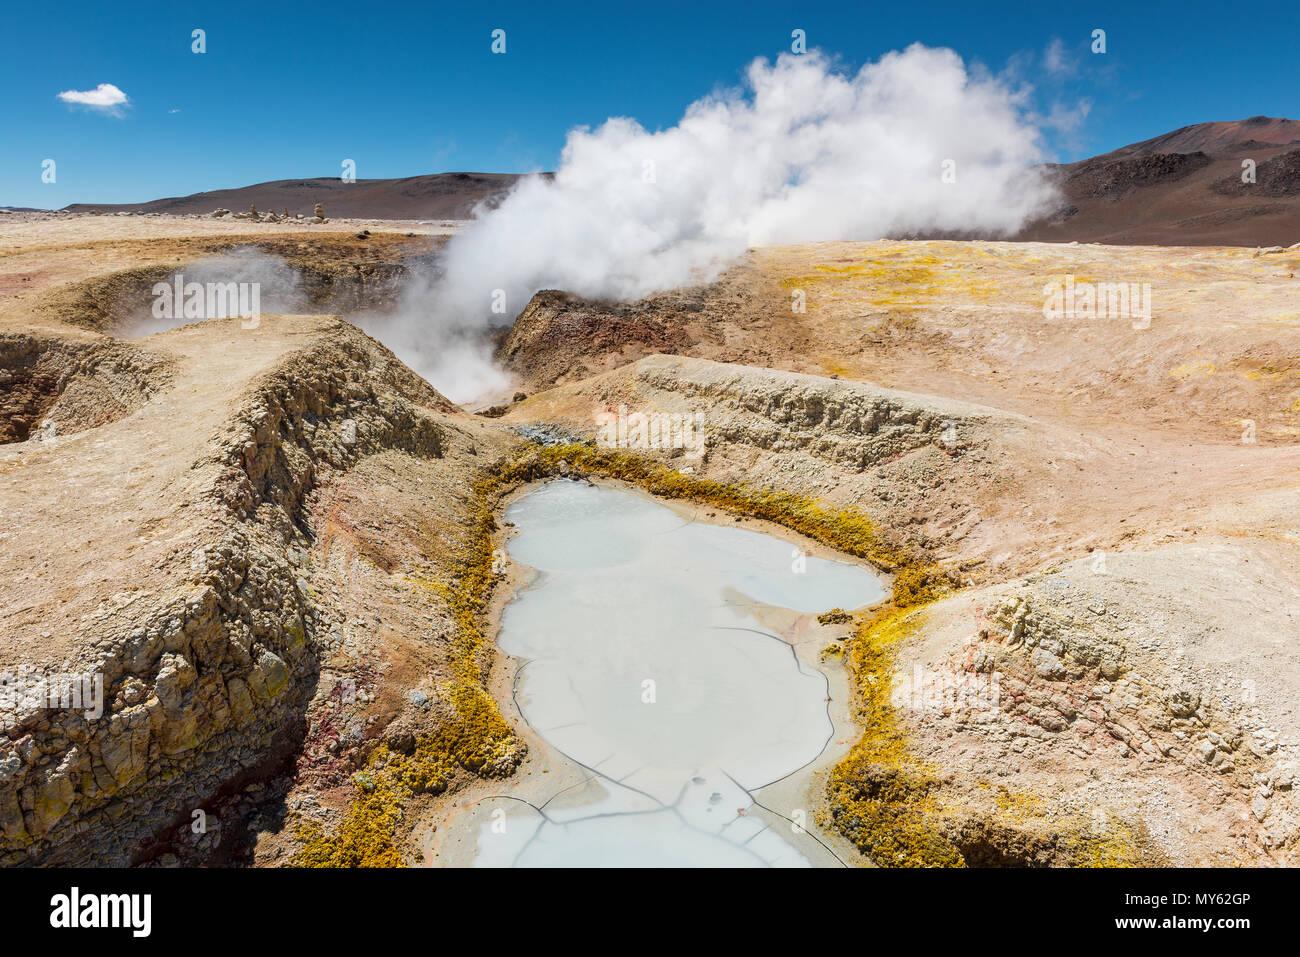 La actividad volcánica de Sol de Mañana en Bolivia entre Chile y el Salar de Uyuni. Las piscinas de lodo y fumarolas con vapor de agua, senderos en la Cordillera de Los Andes. Imagen De Stock